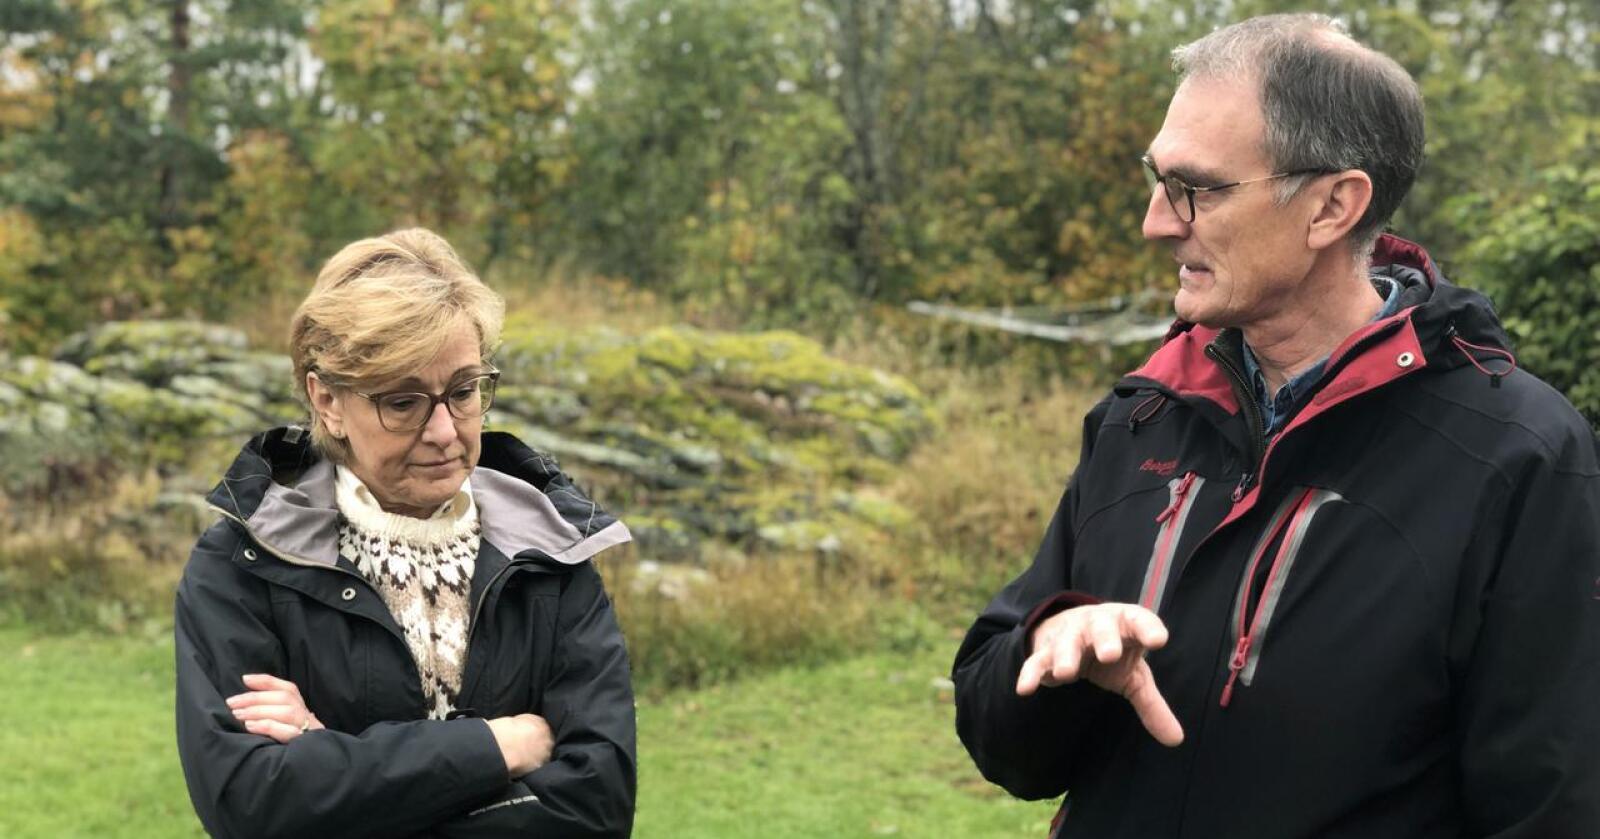 Harald Moskvil har tidligere vært kritisk til en del av Norges Bondelags prioriteringer, men skryter av årets krav. Foto: Lars Bilit Hagen